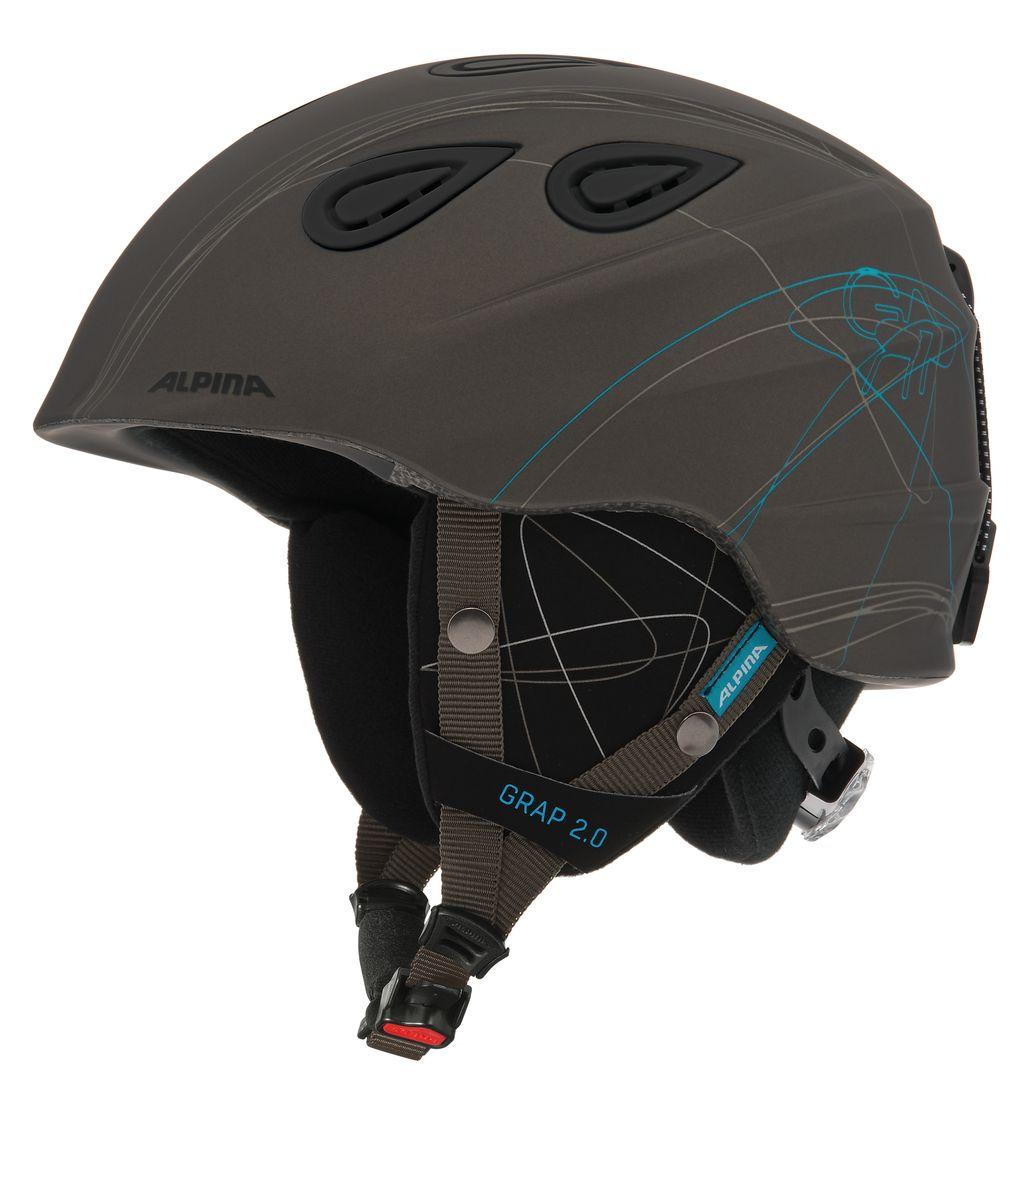 Шлем зимний Alpina  Grap 2.0 , цвет: серый. Размер 54-57. 9085_37 - Горные лыжи